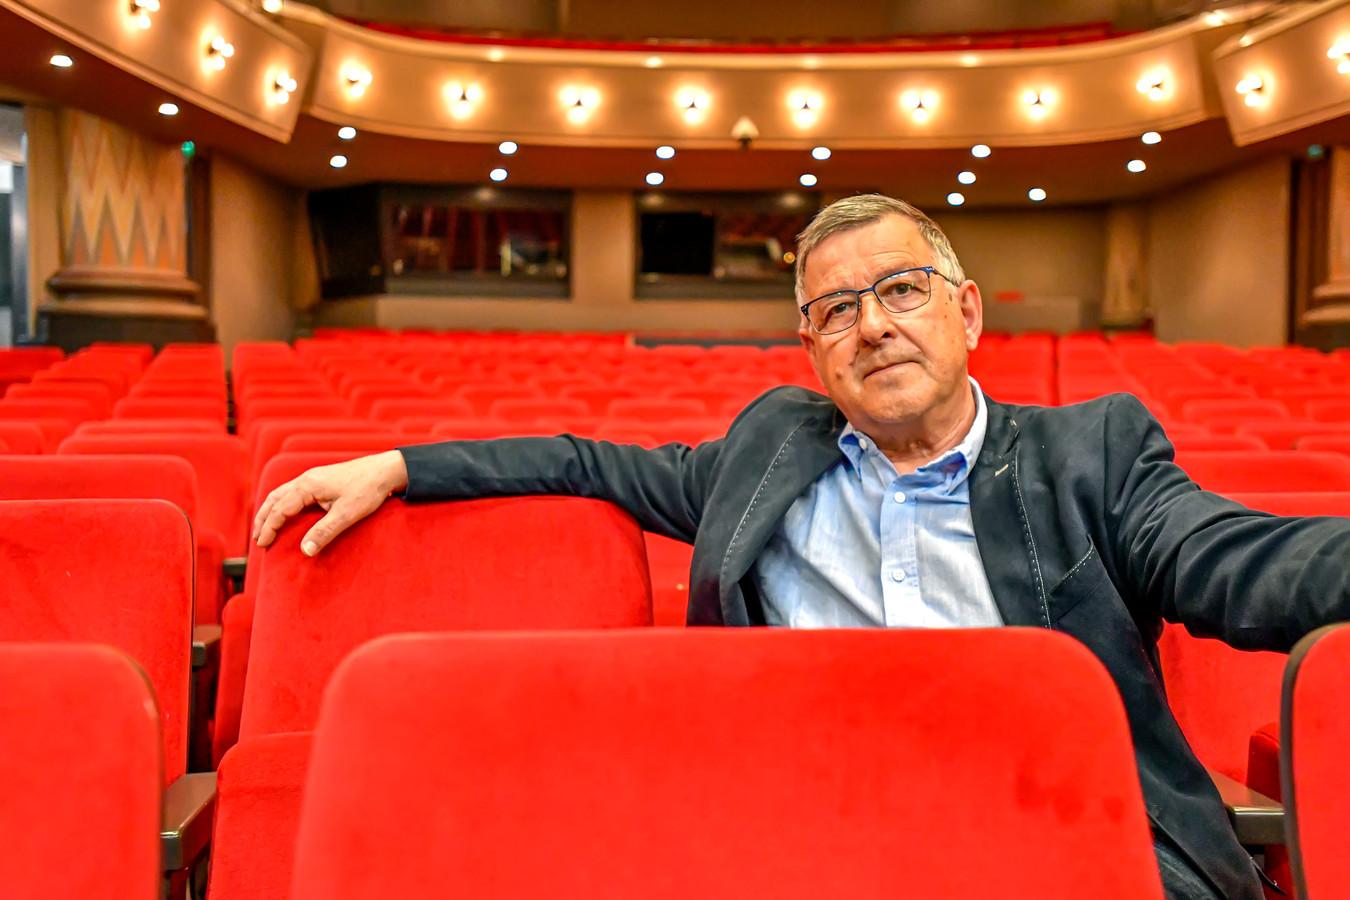 'Daar is geen speld tussen te krijgen', verzucht Cees Meijer van theater De Maagd vlak na de persconferentie.